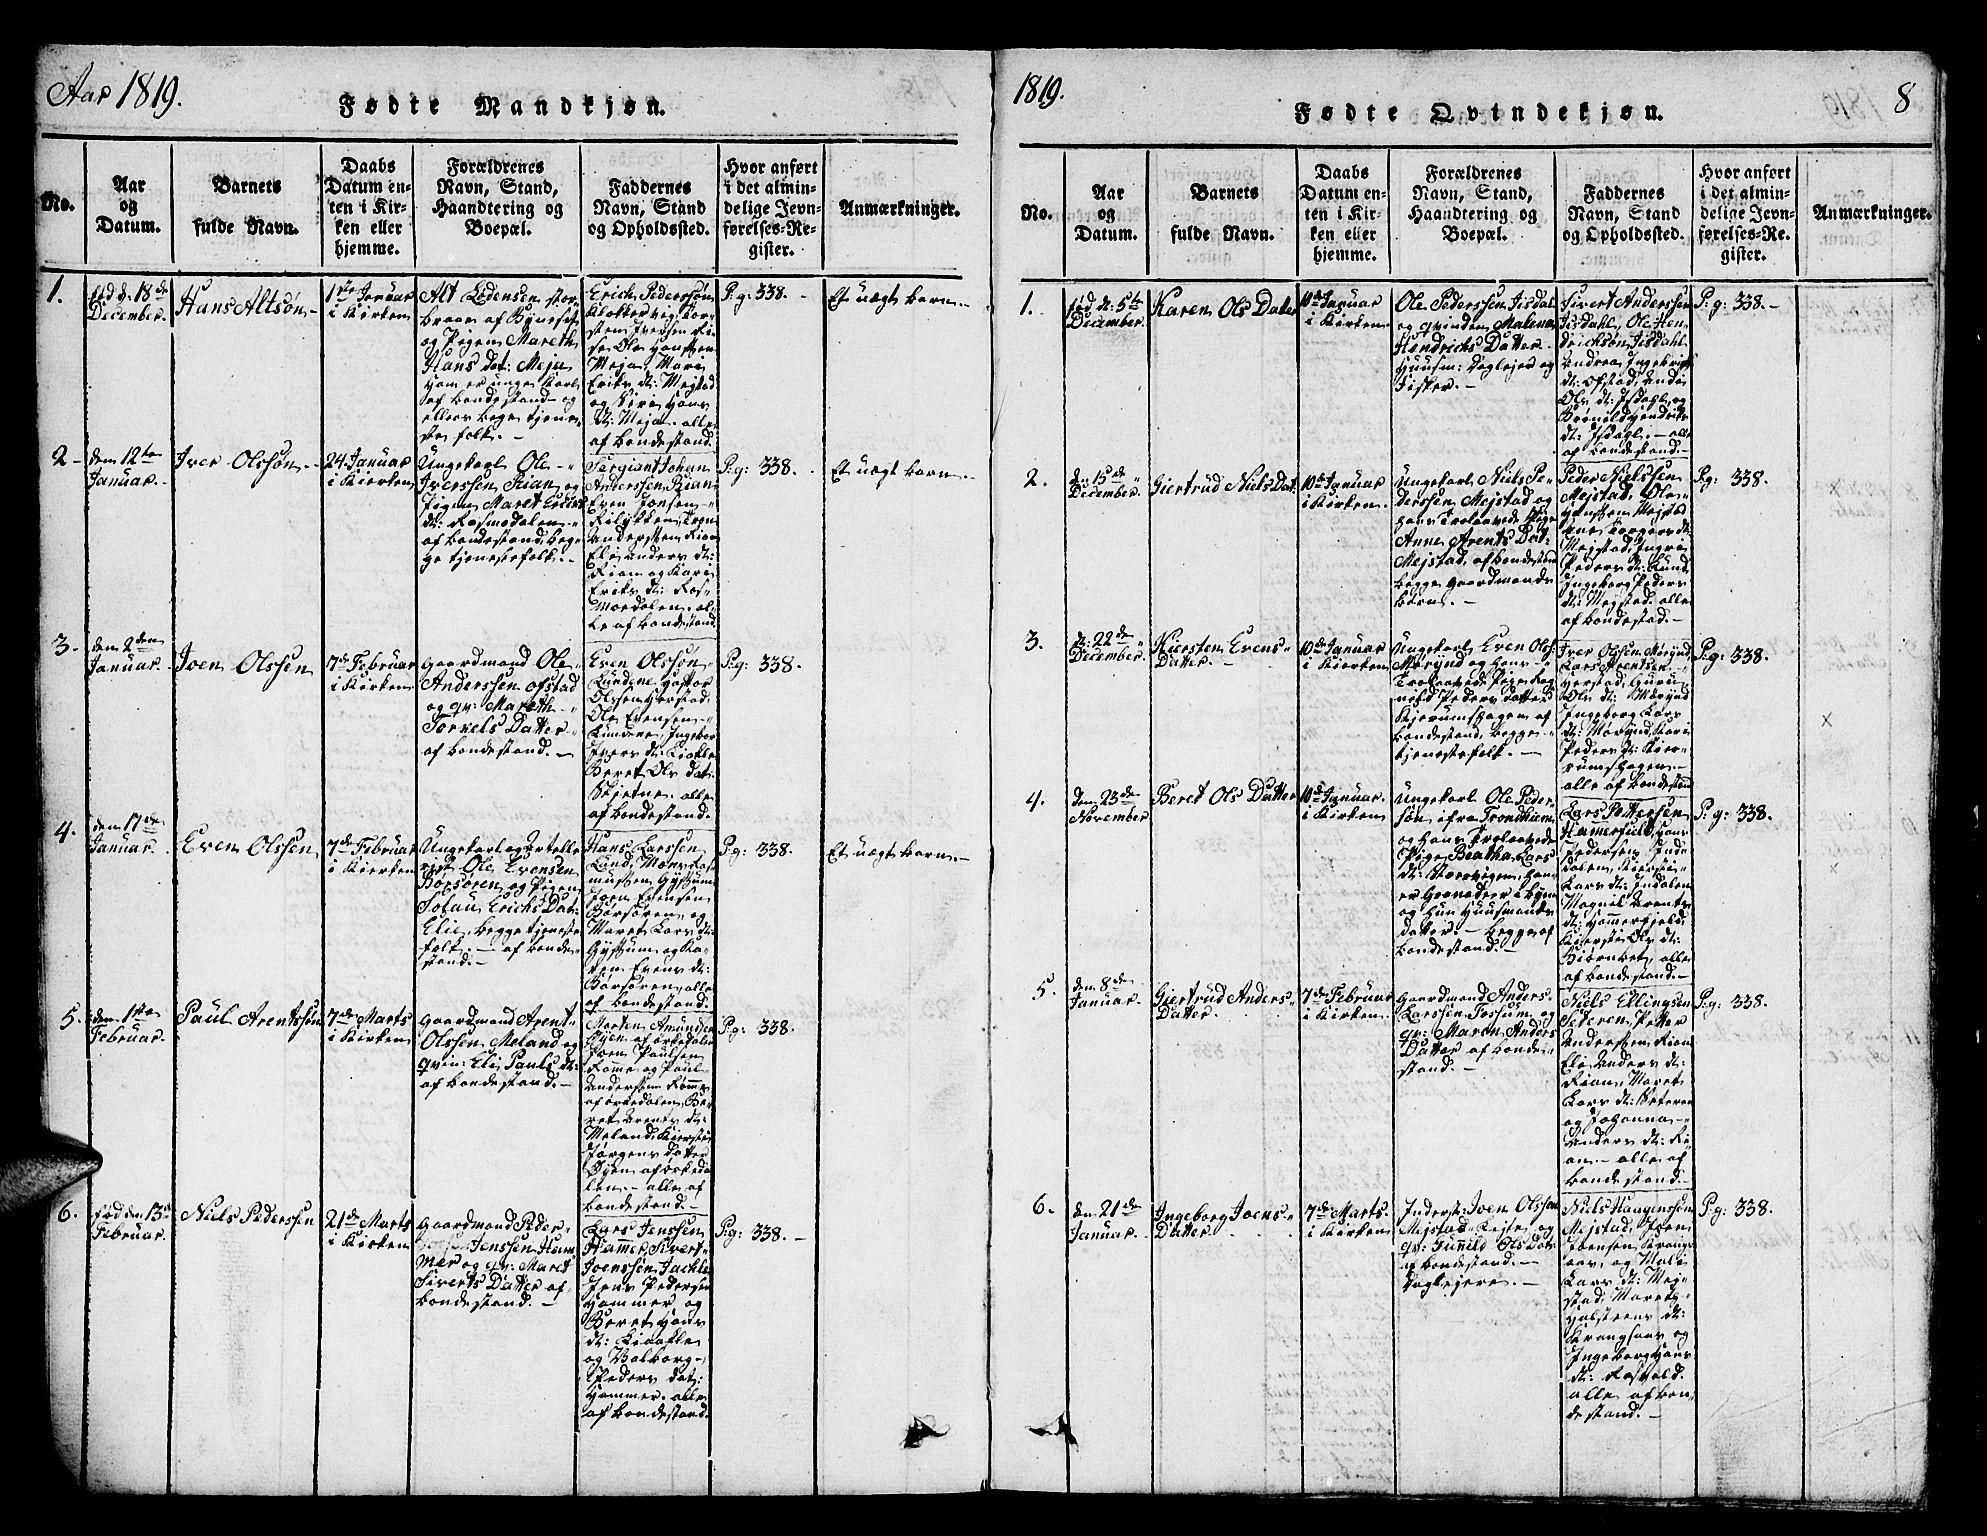 SAT, Ministerialprotokoller, klokkerbøker og fødselsregistre - Sør-Trøndelag, 665/L0776: Klokkerbok nr. 665C01, 1817-1837, s. 8